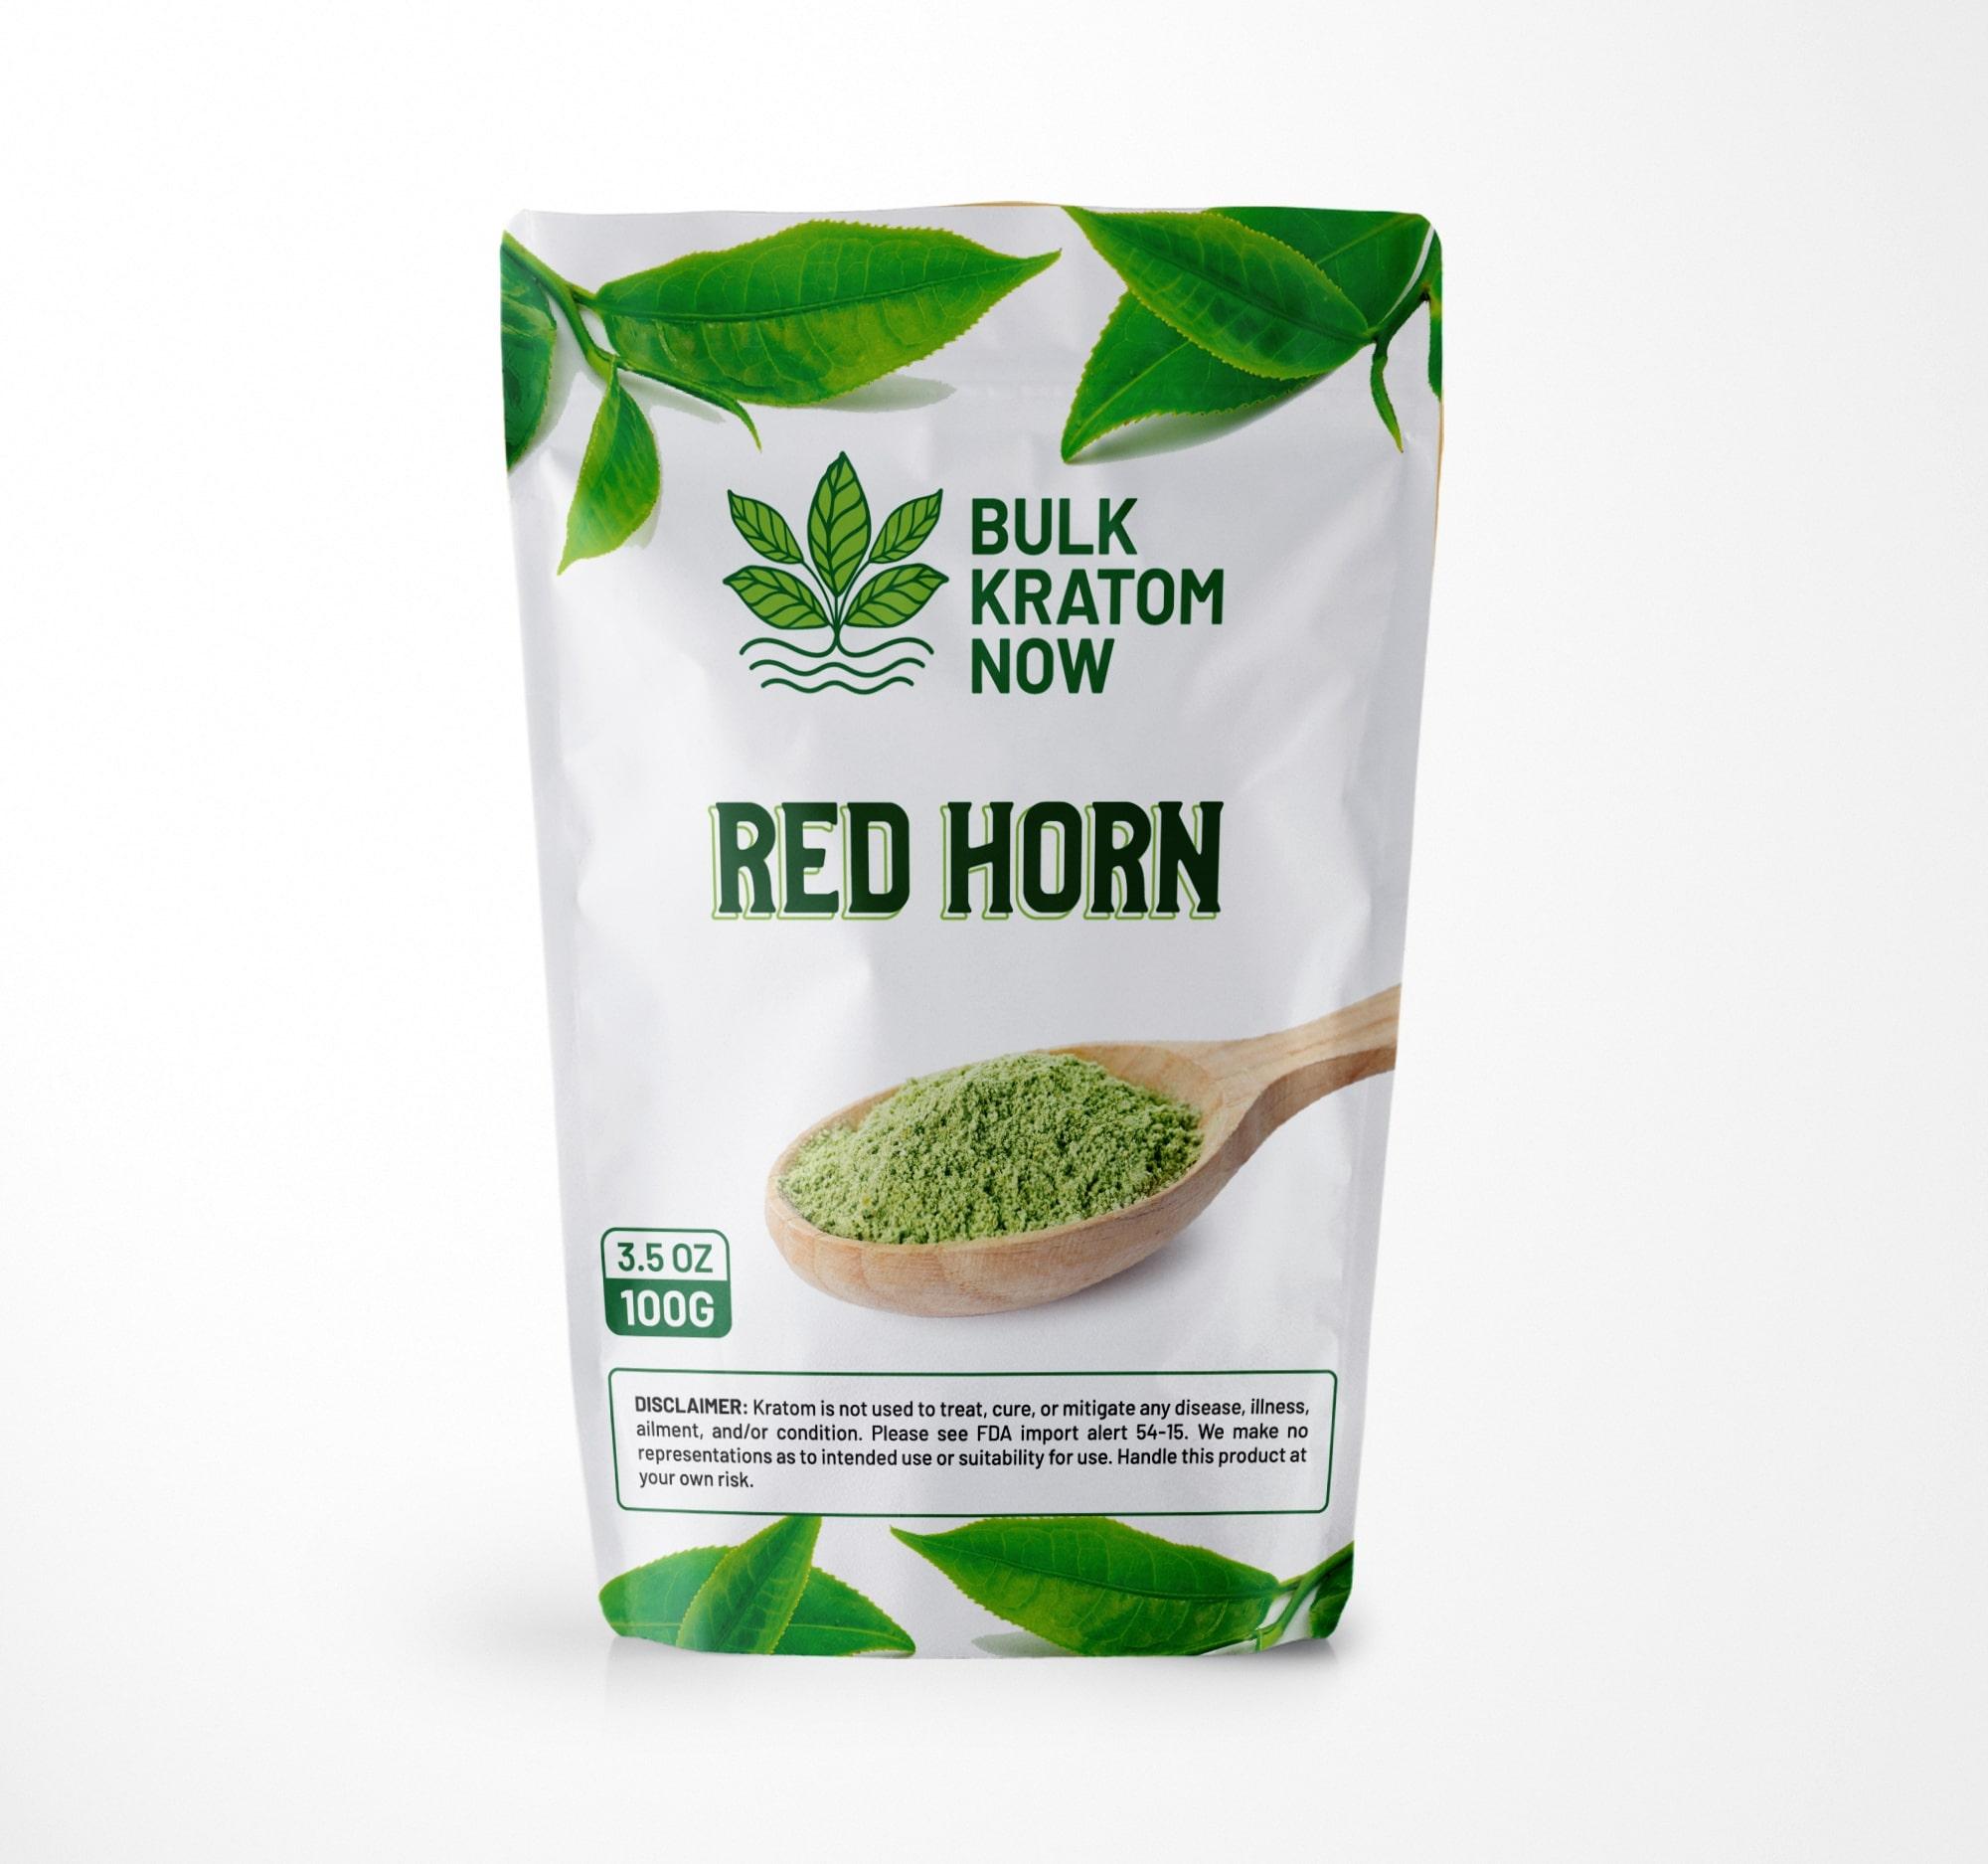 Red Horn Bulk Kratom